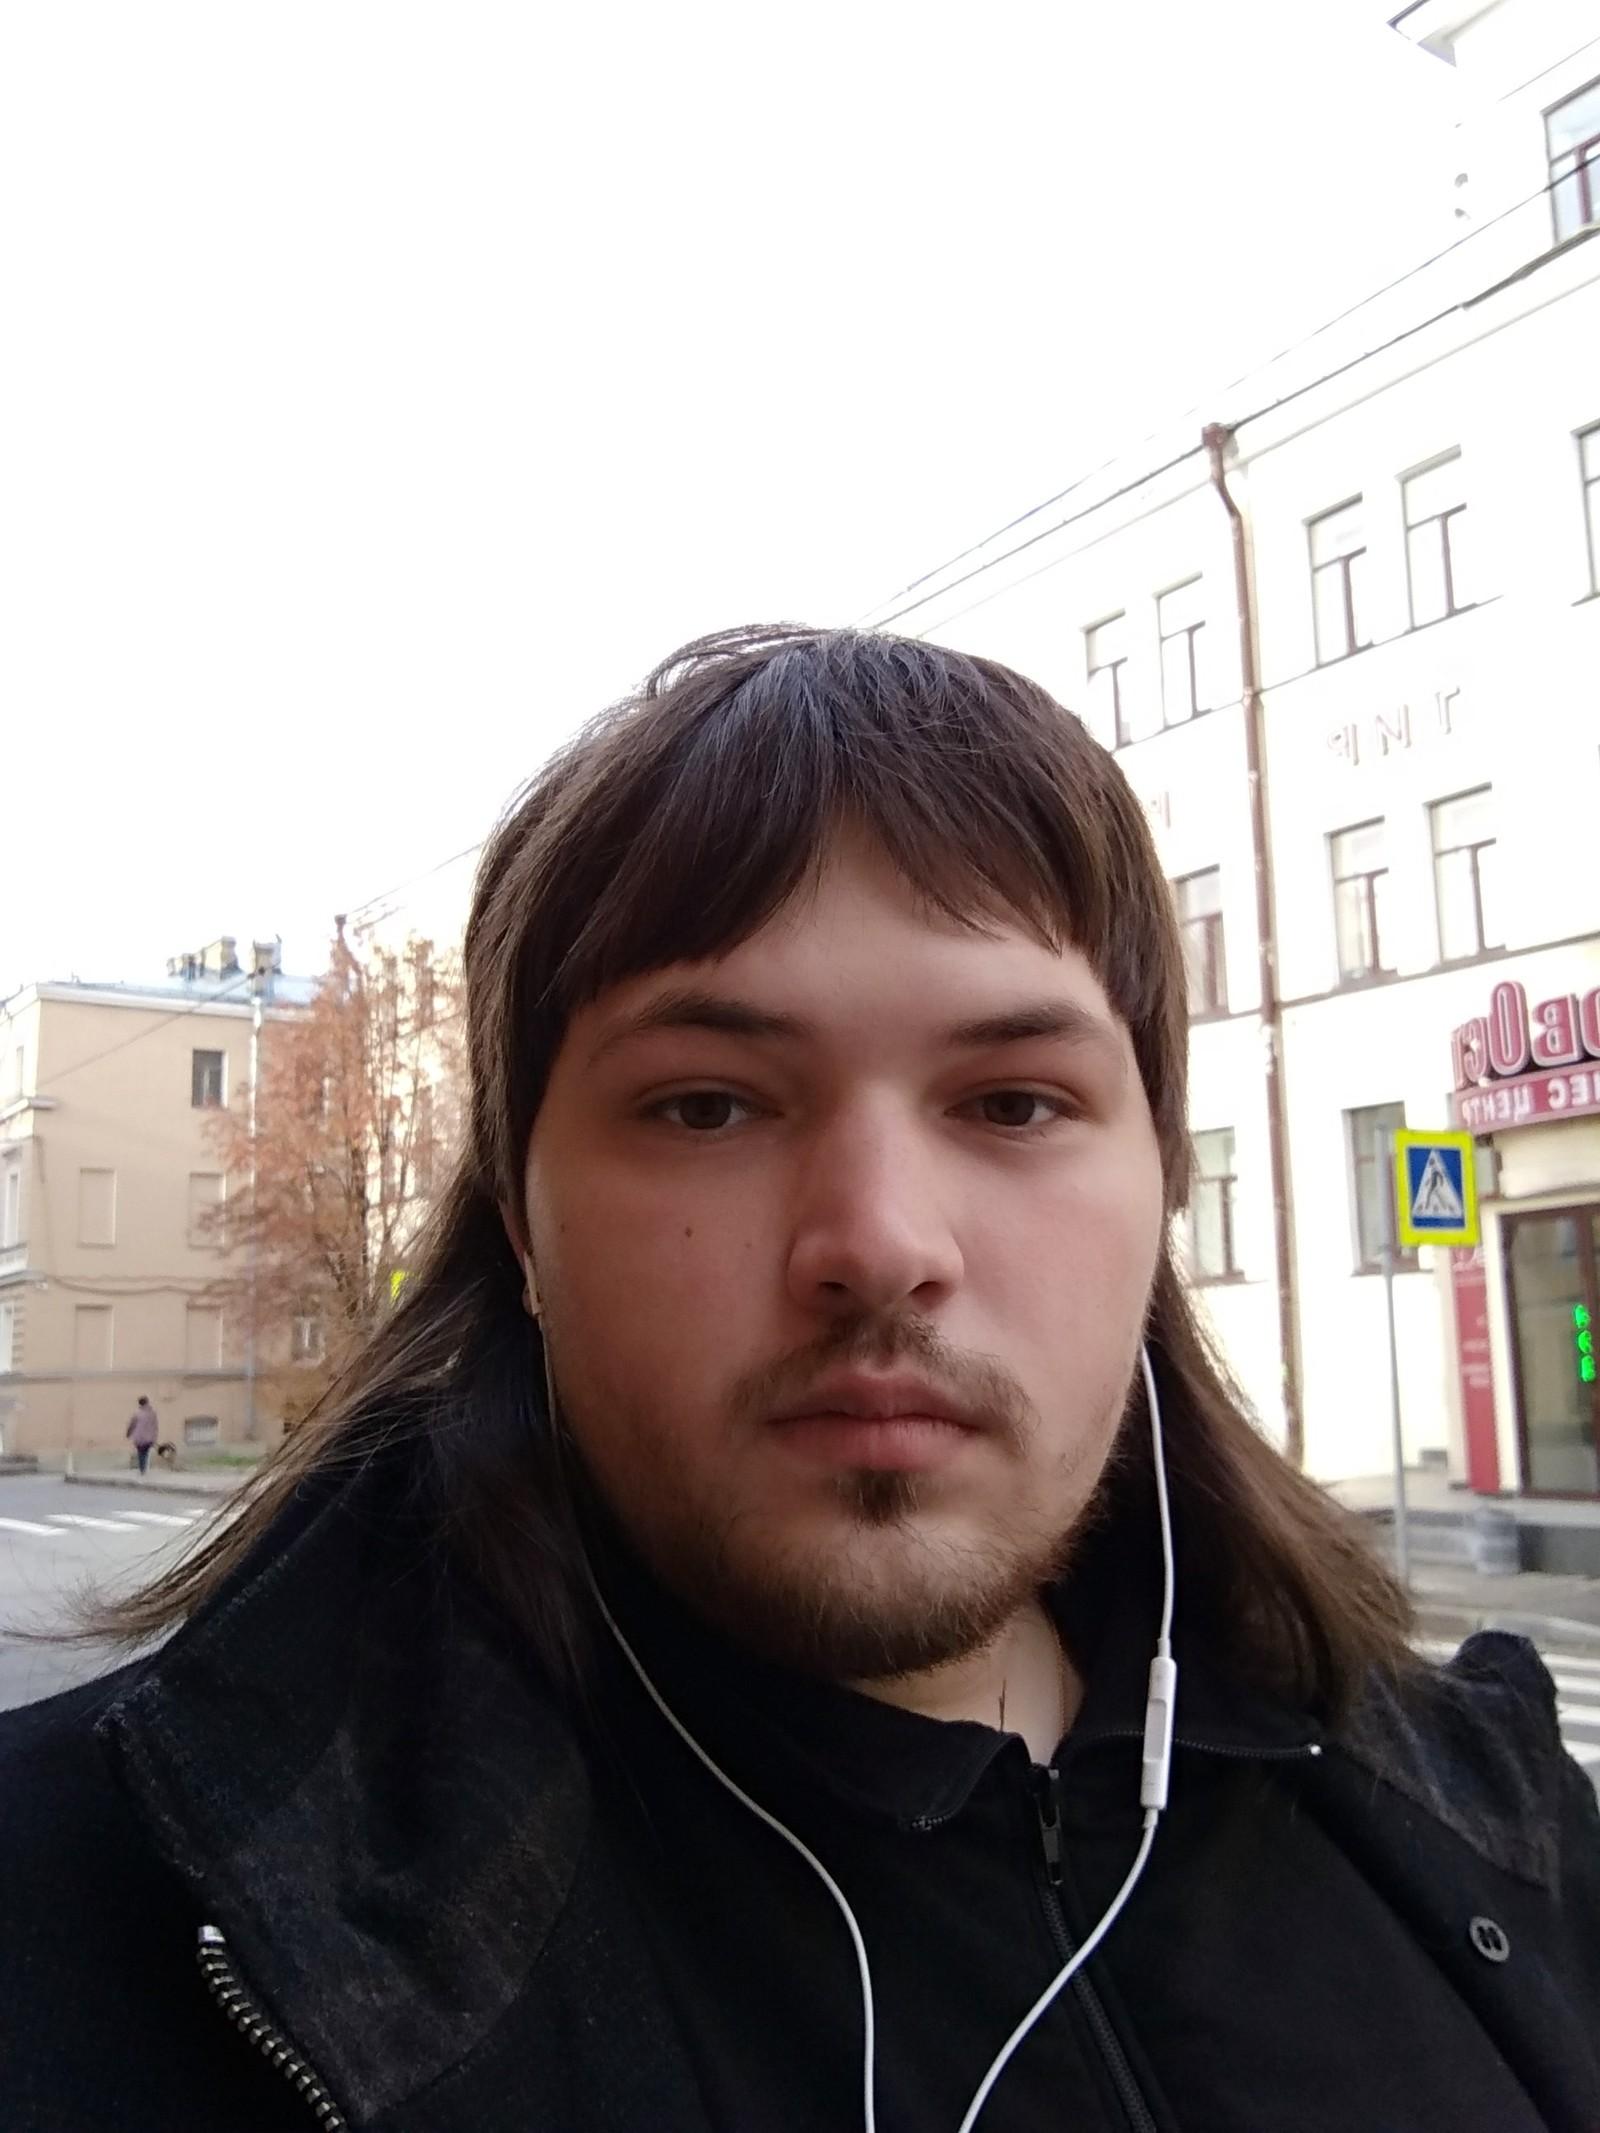 Санкт-петербург знакомства с девушками номера телефонов